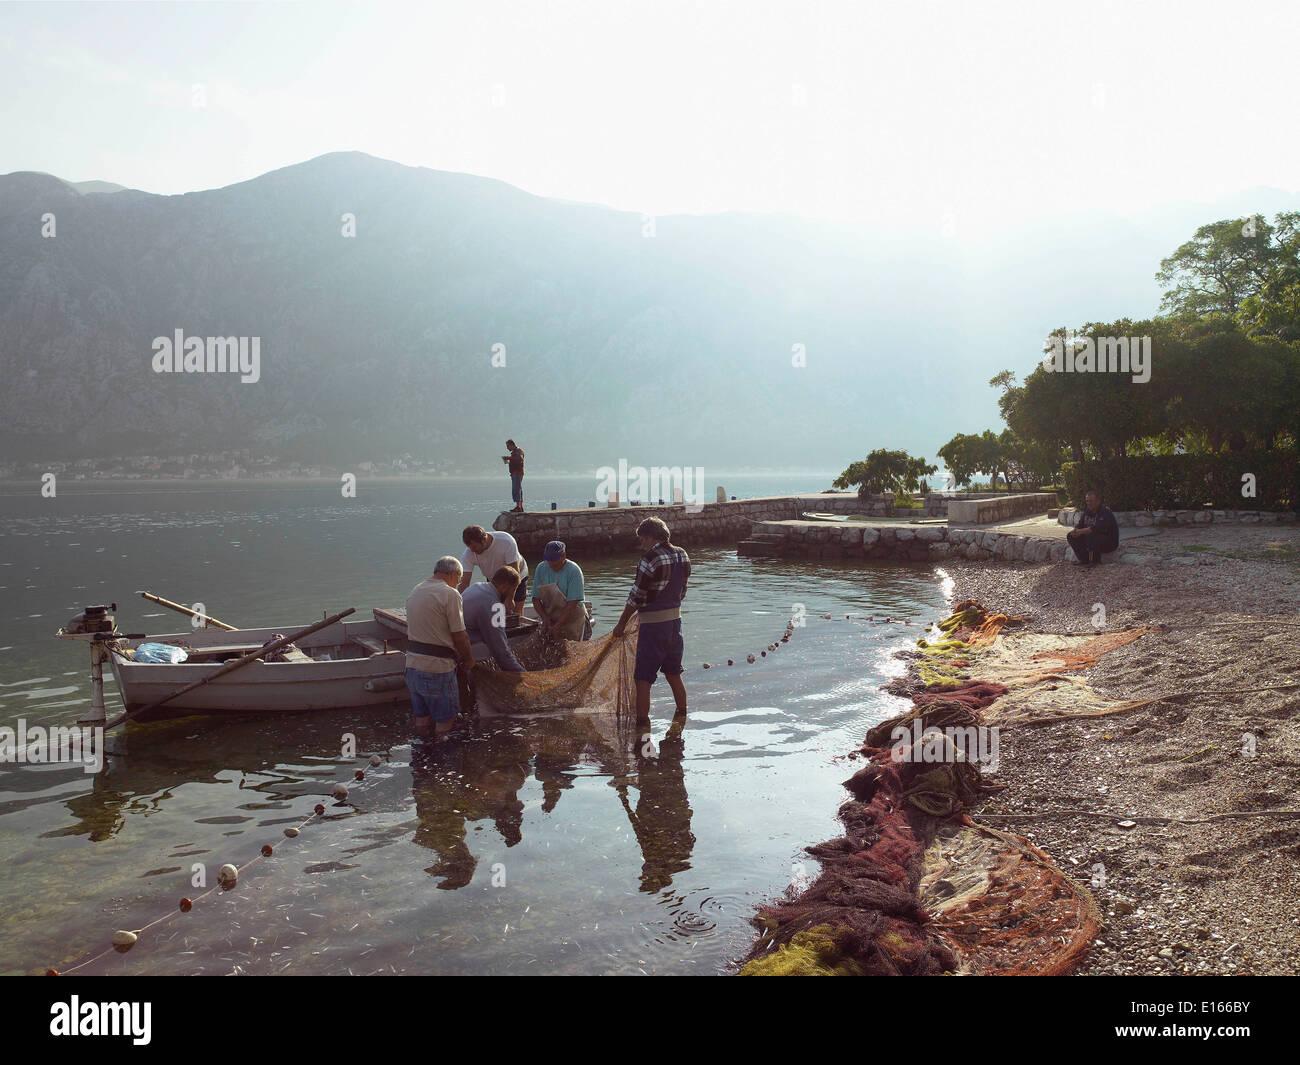 Pescador preparar sus redes en la playa. Foto de stock